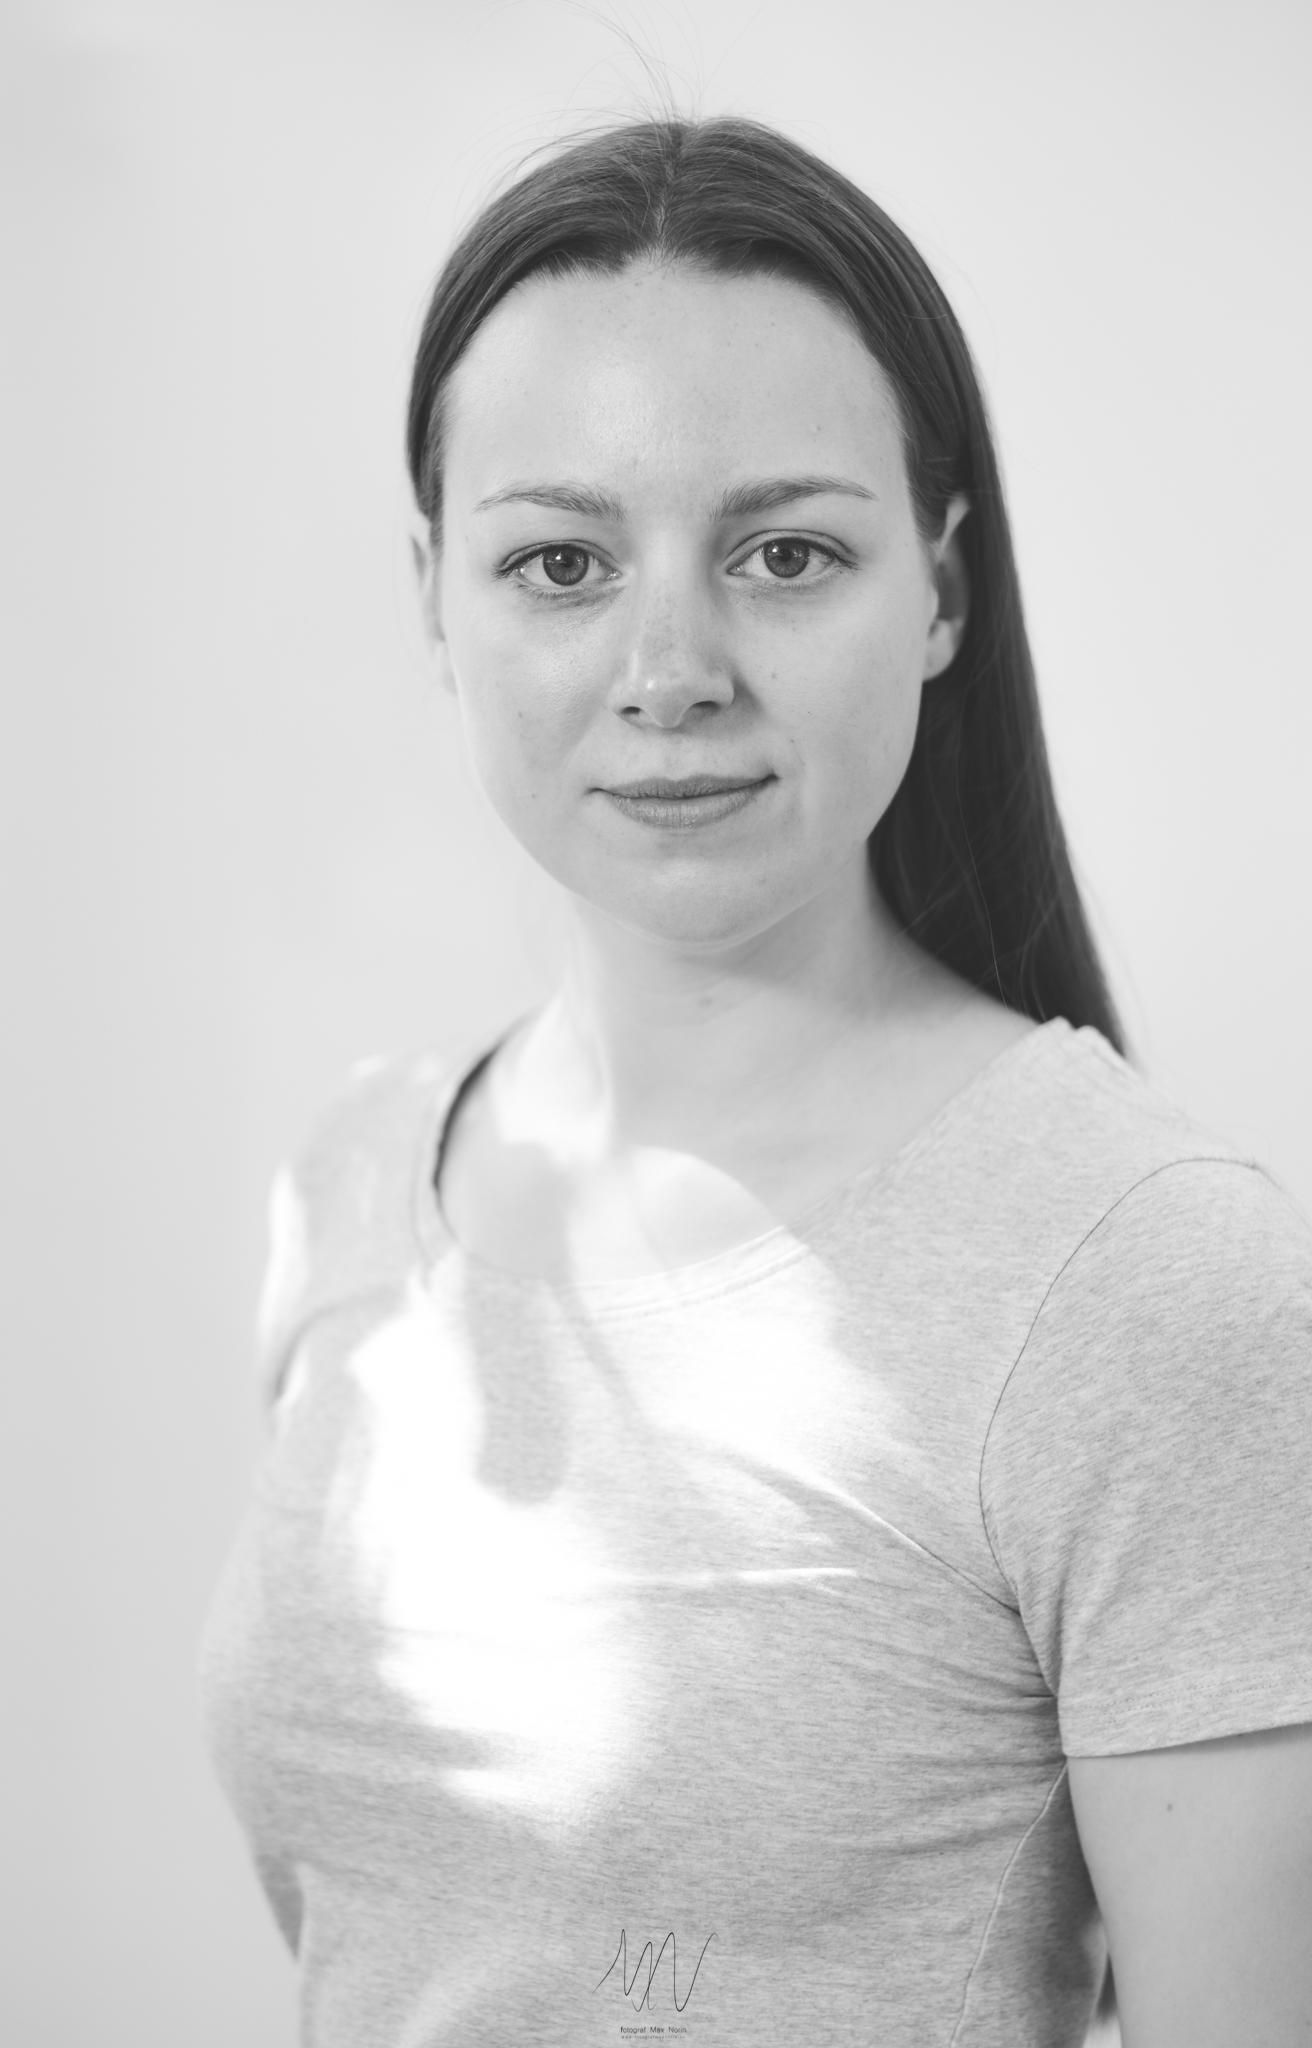 Porträtt-Fotograf-Max-Norin-SV-V-3.jpg